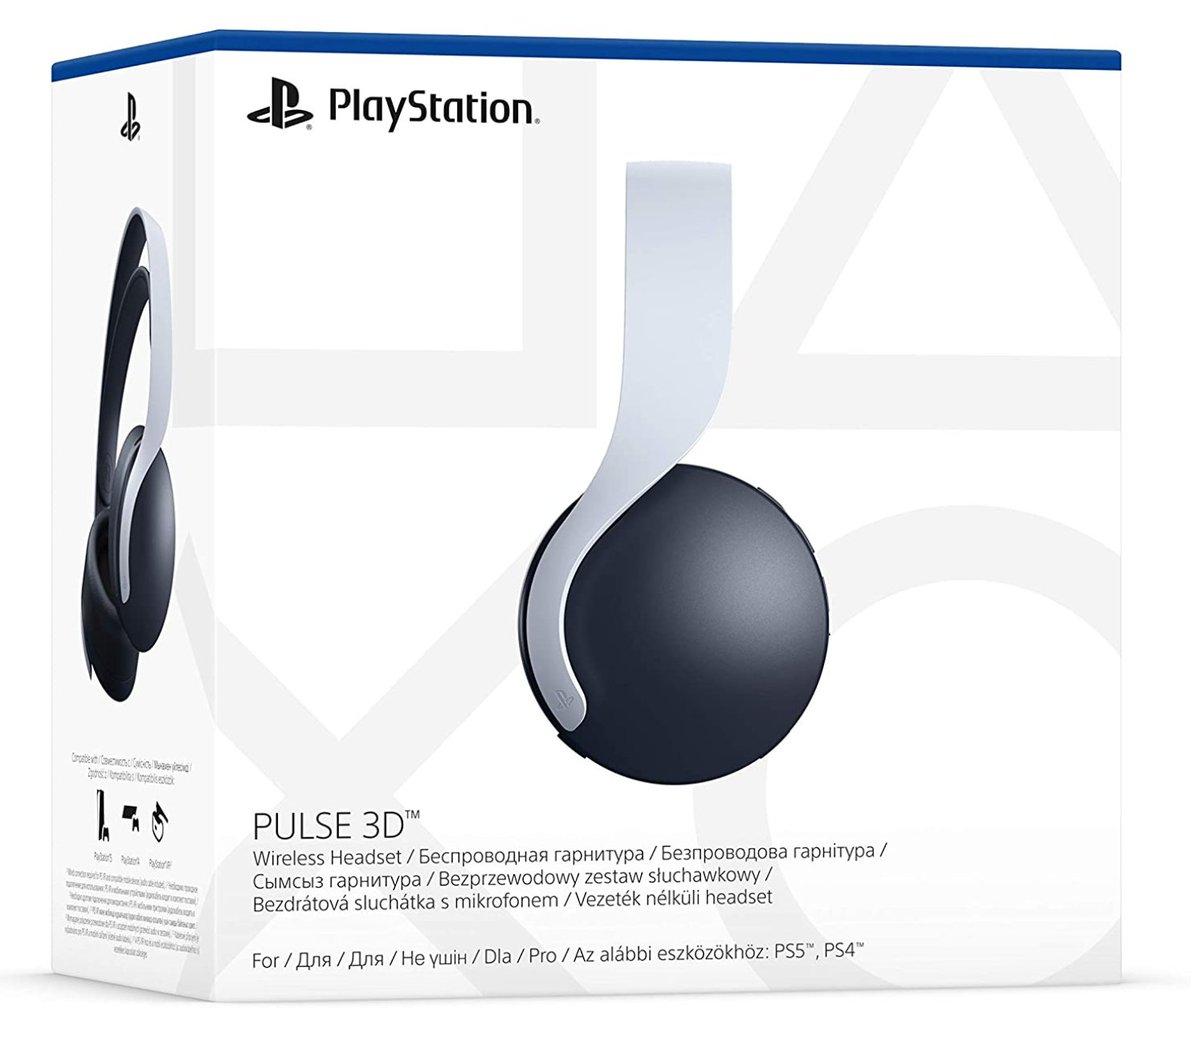 Sony Pulse 3D Headset PS5 $99.99  Amazon USA 2